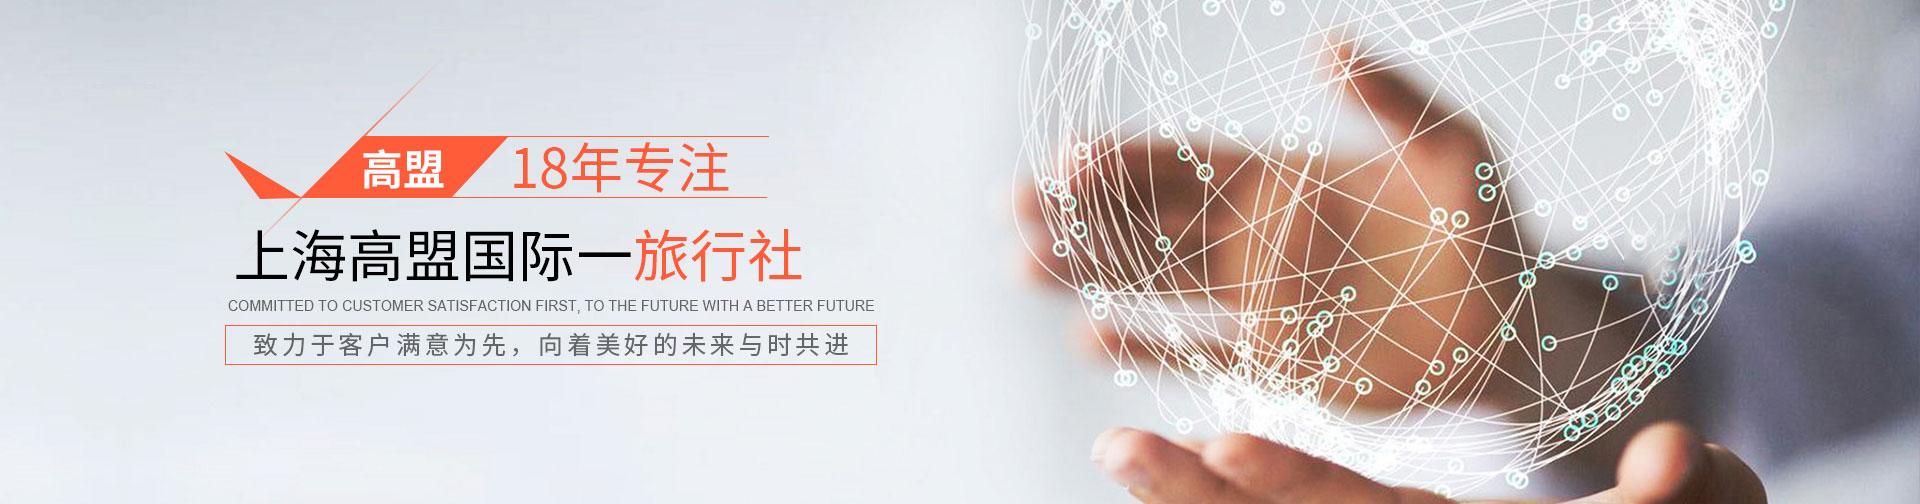 ?上海亚游AG国际旅行社有限公司